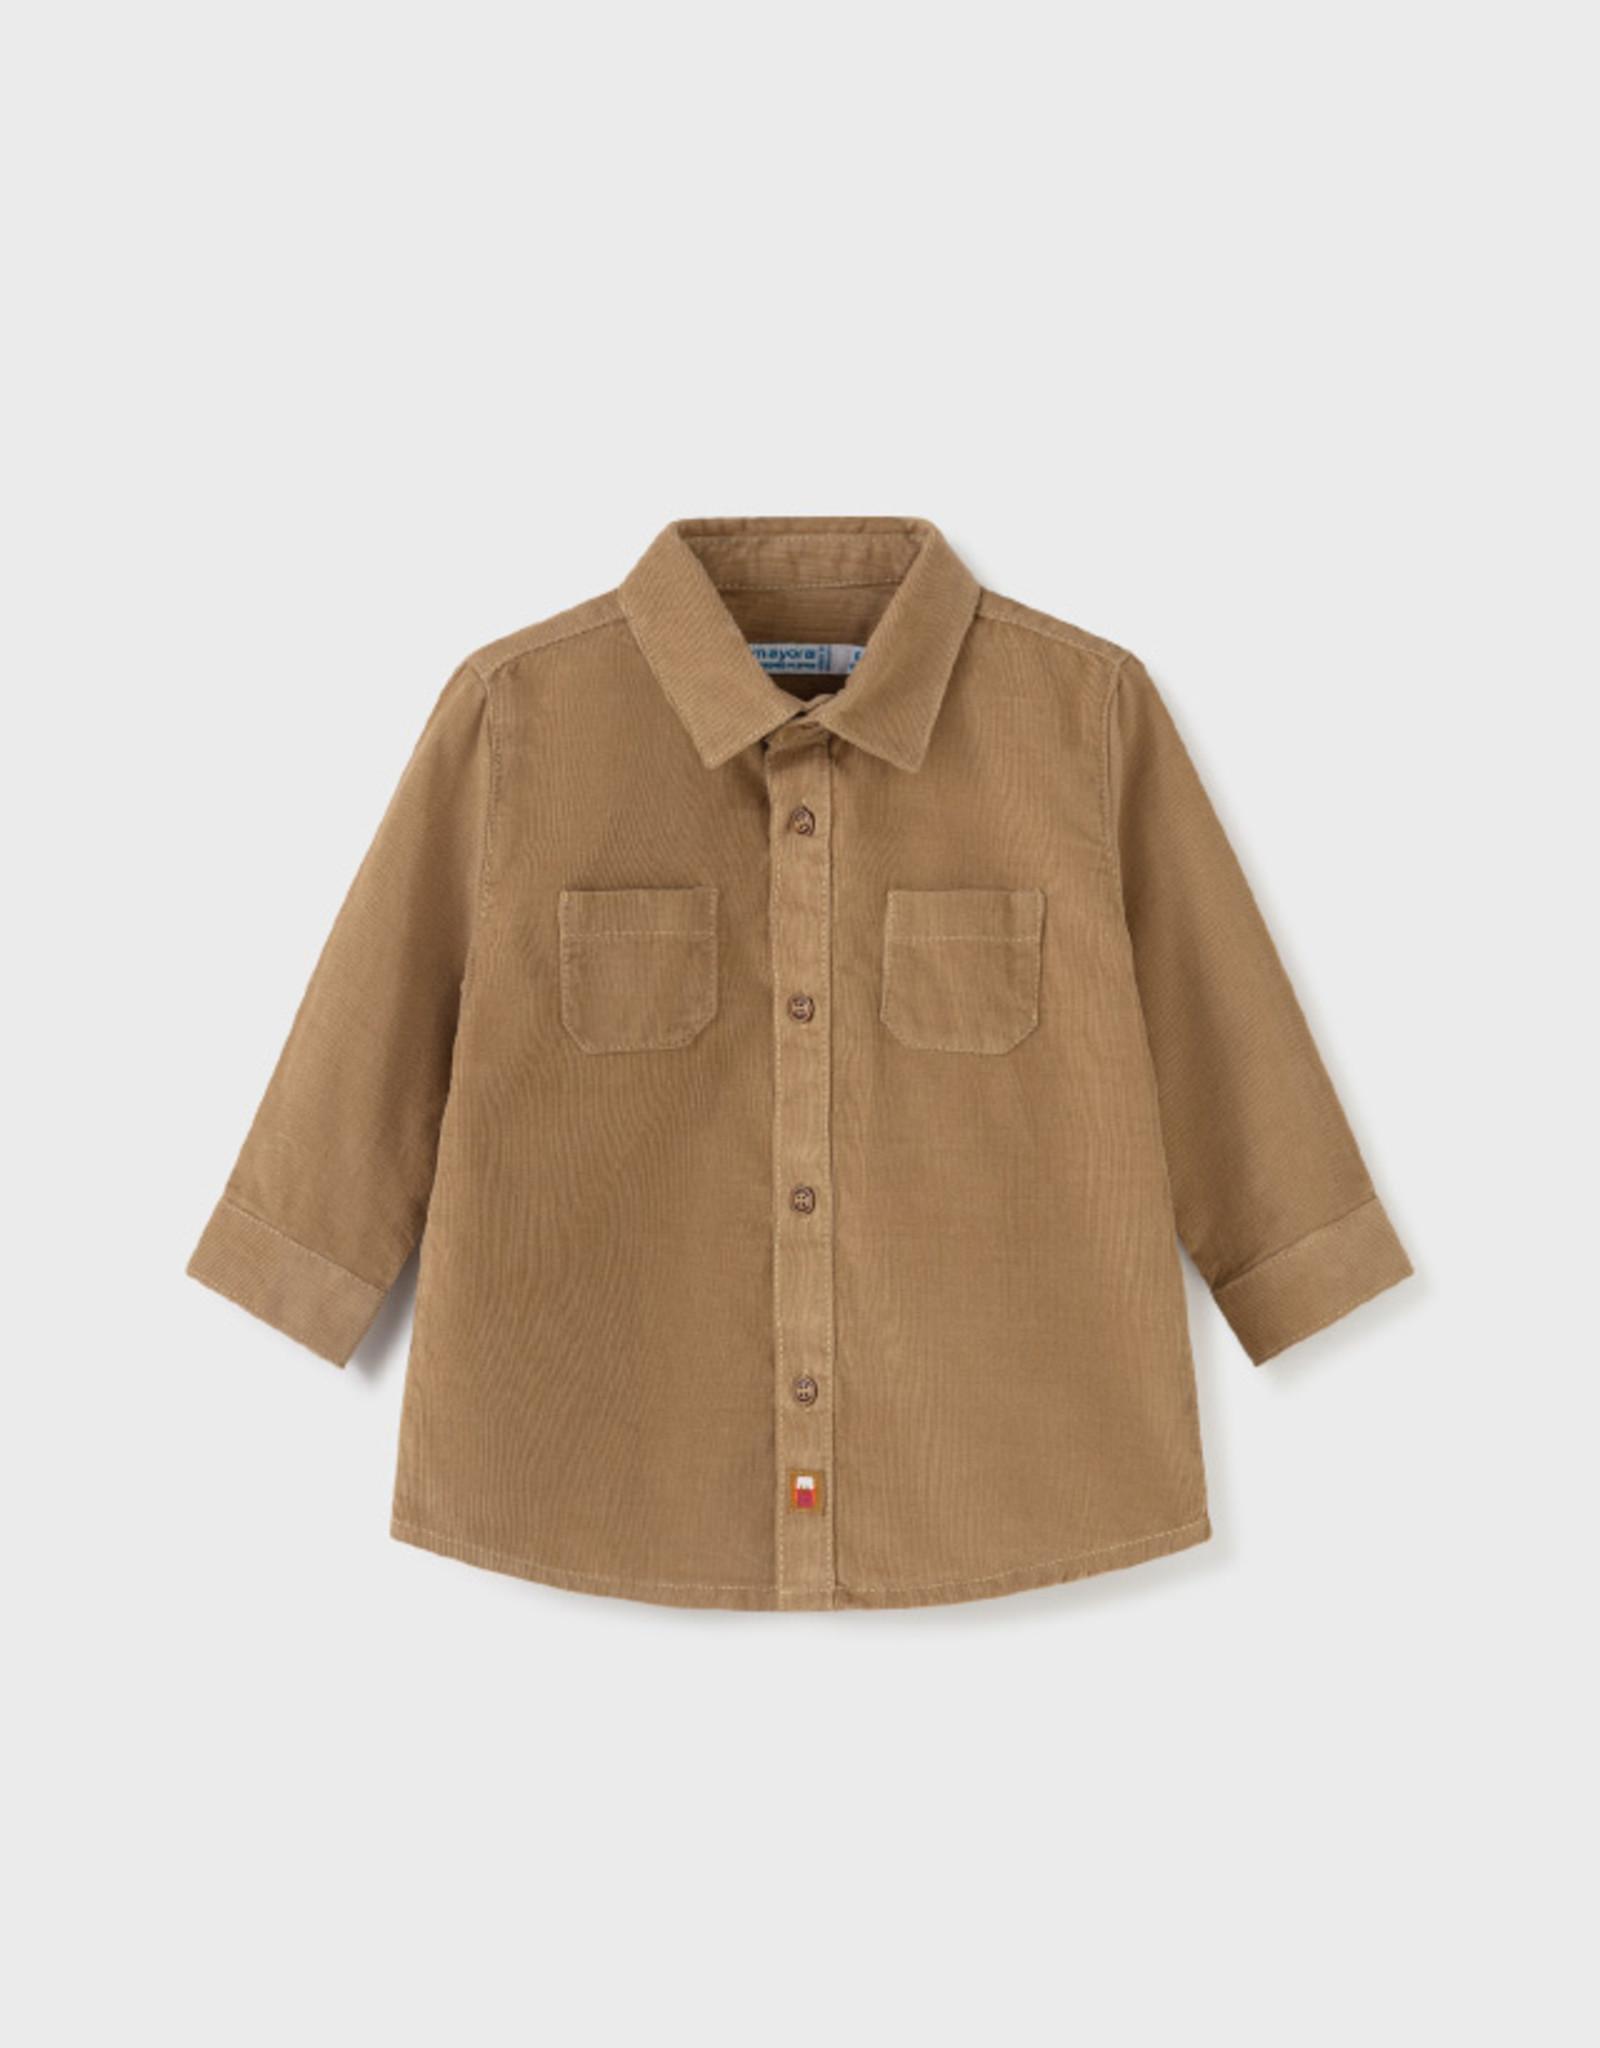 Mayoral FA21 BbyB Tan Cord Shirt